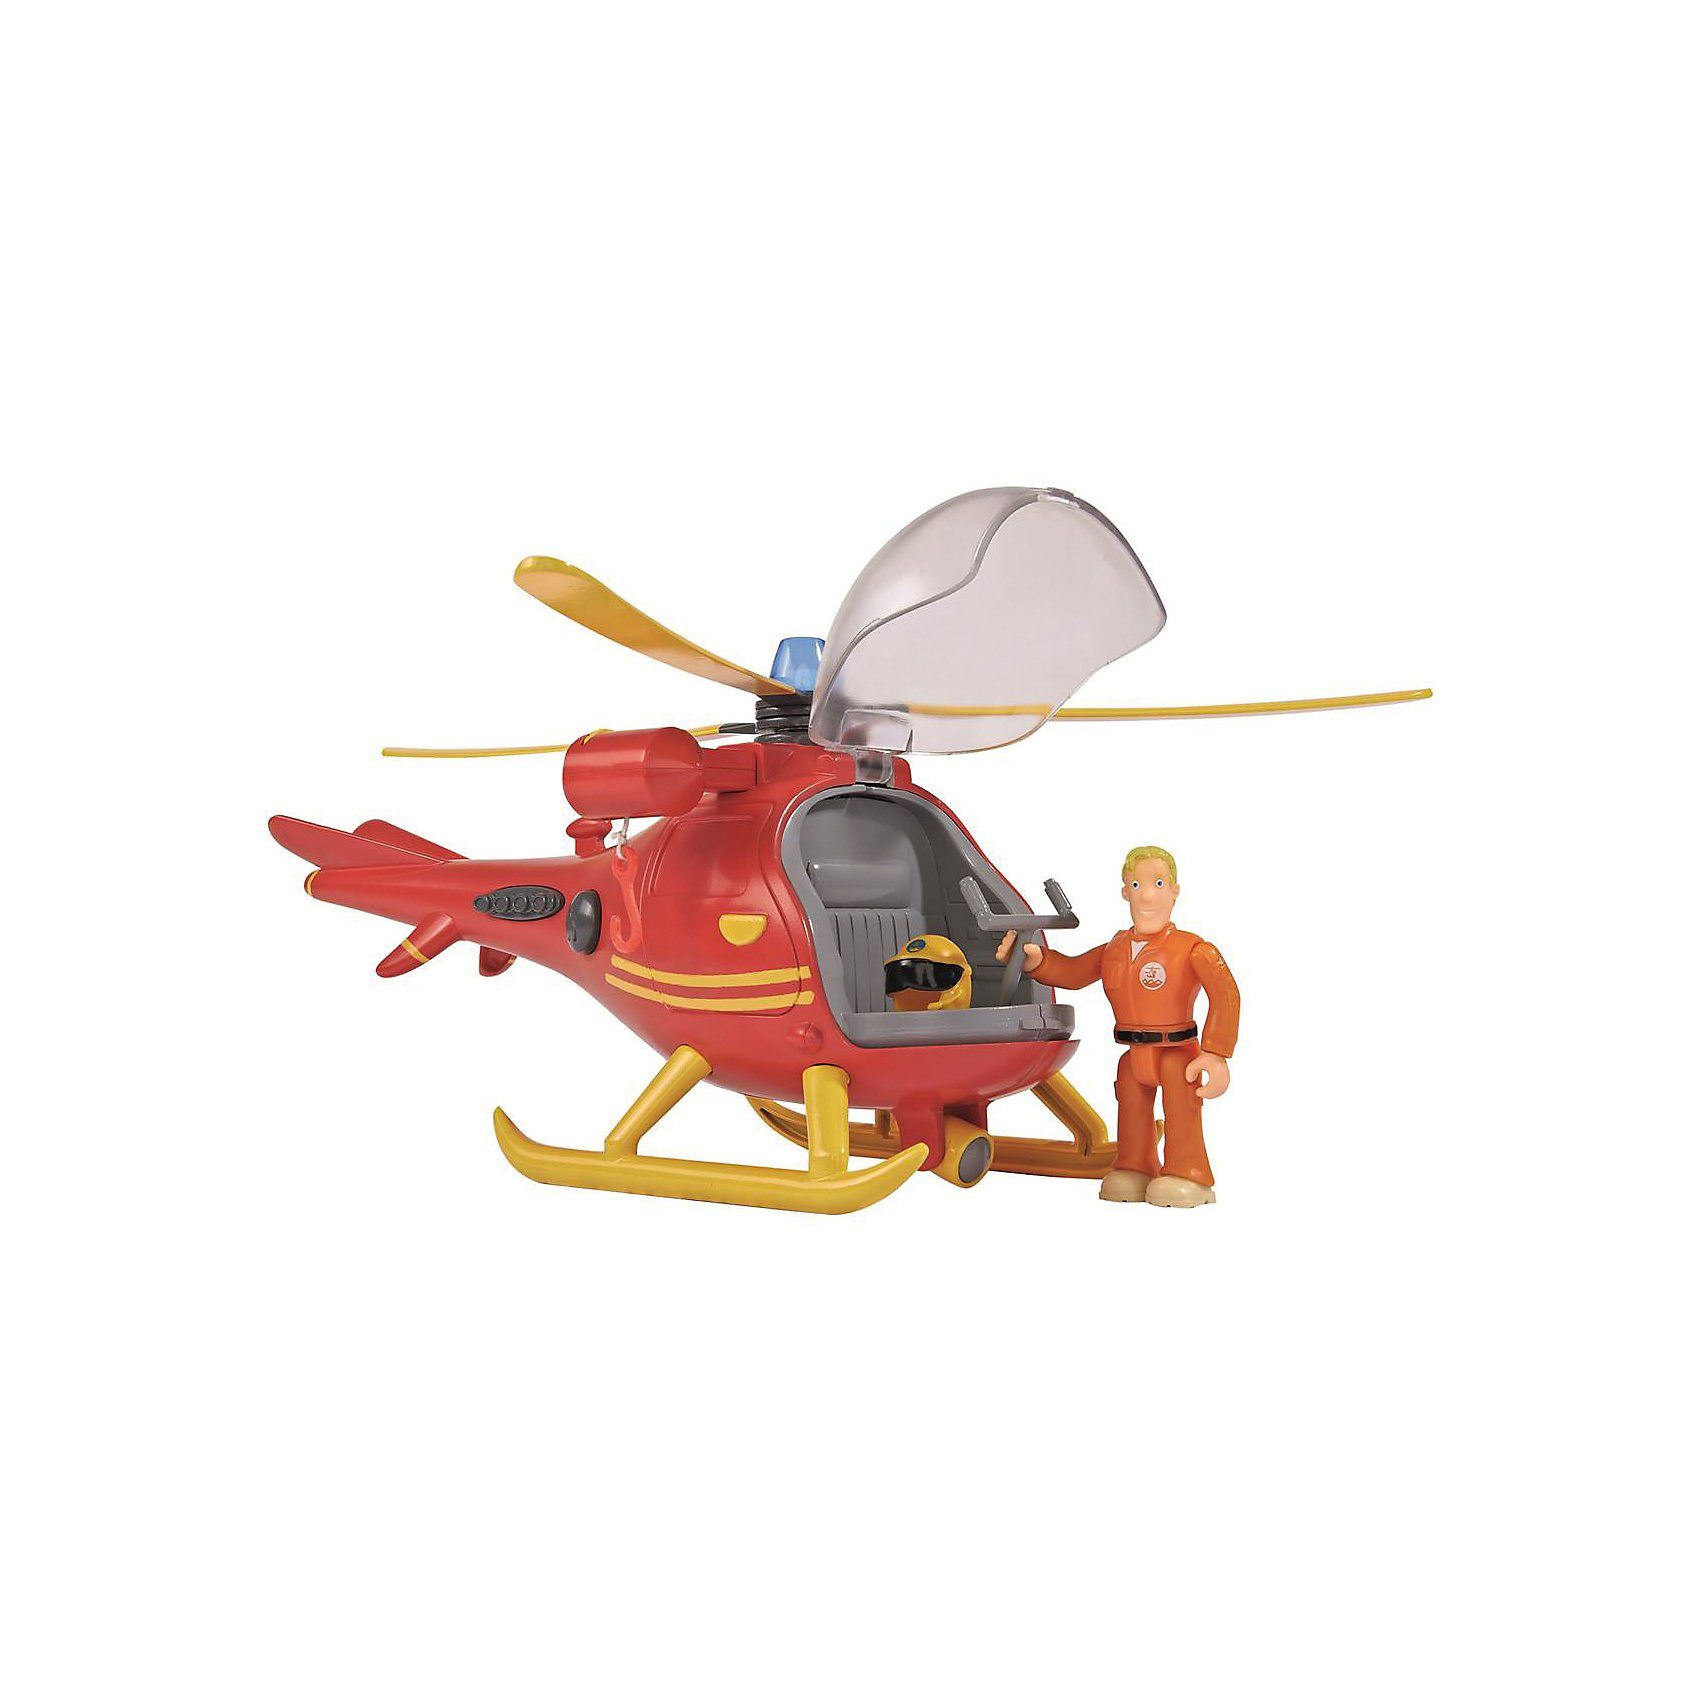 SIMBA Feuerwehrmann Sam Hubschrauber mit Figur